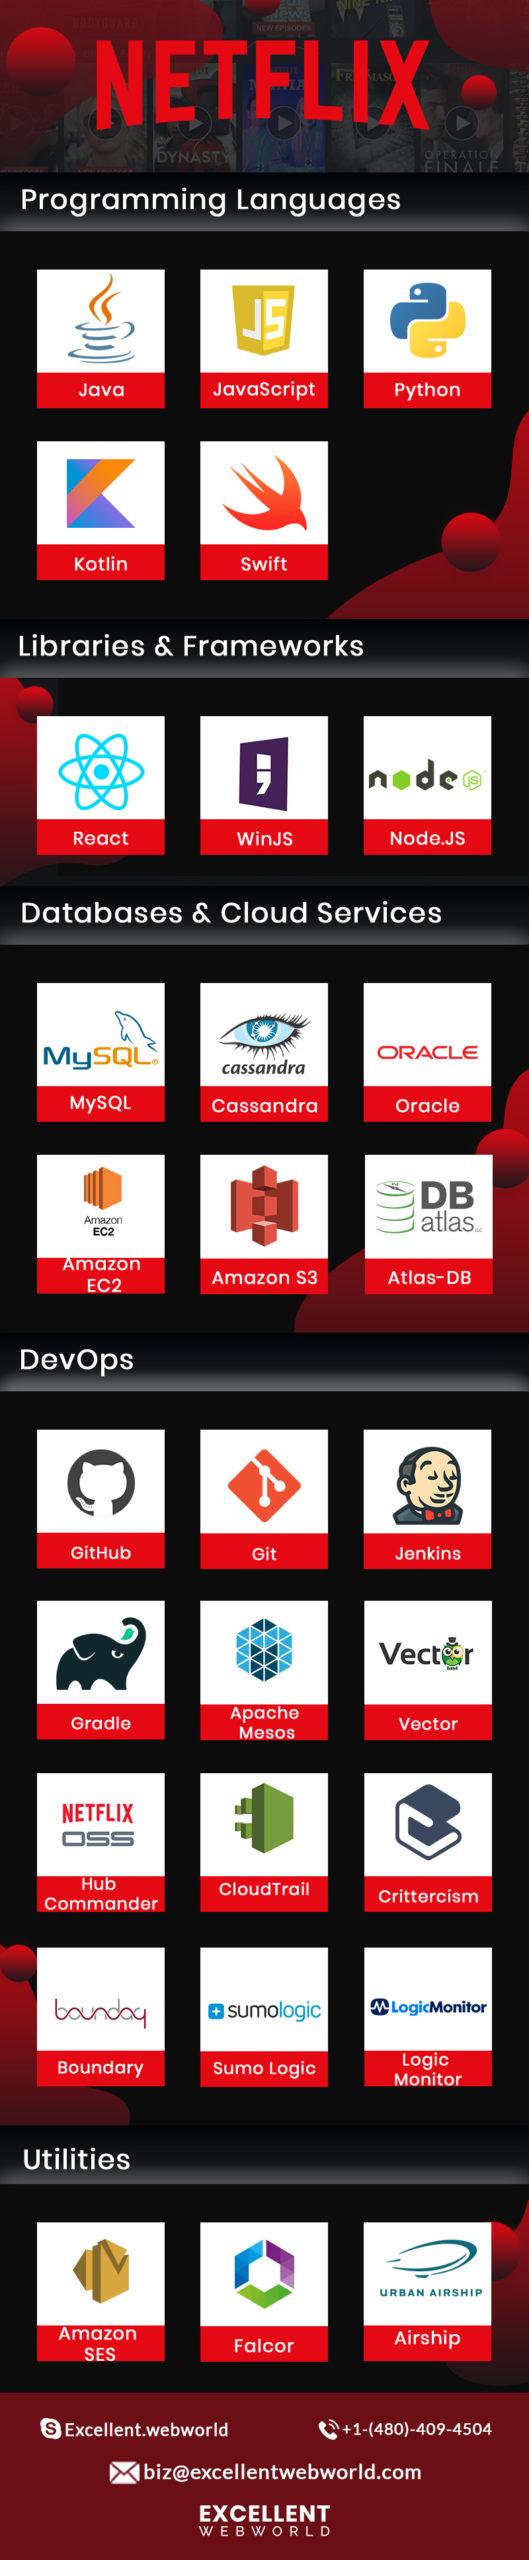 netflix tech stack